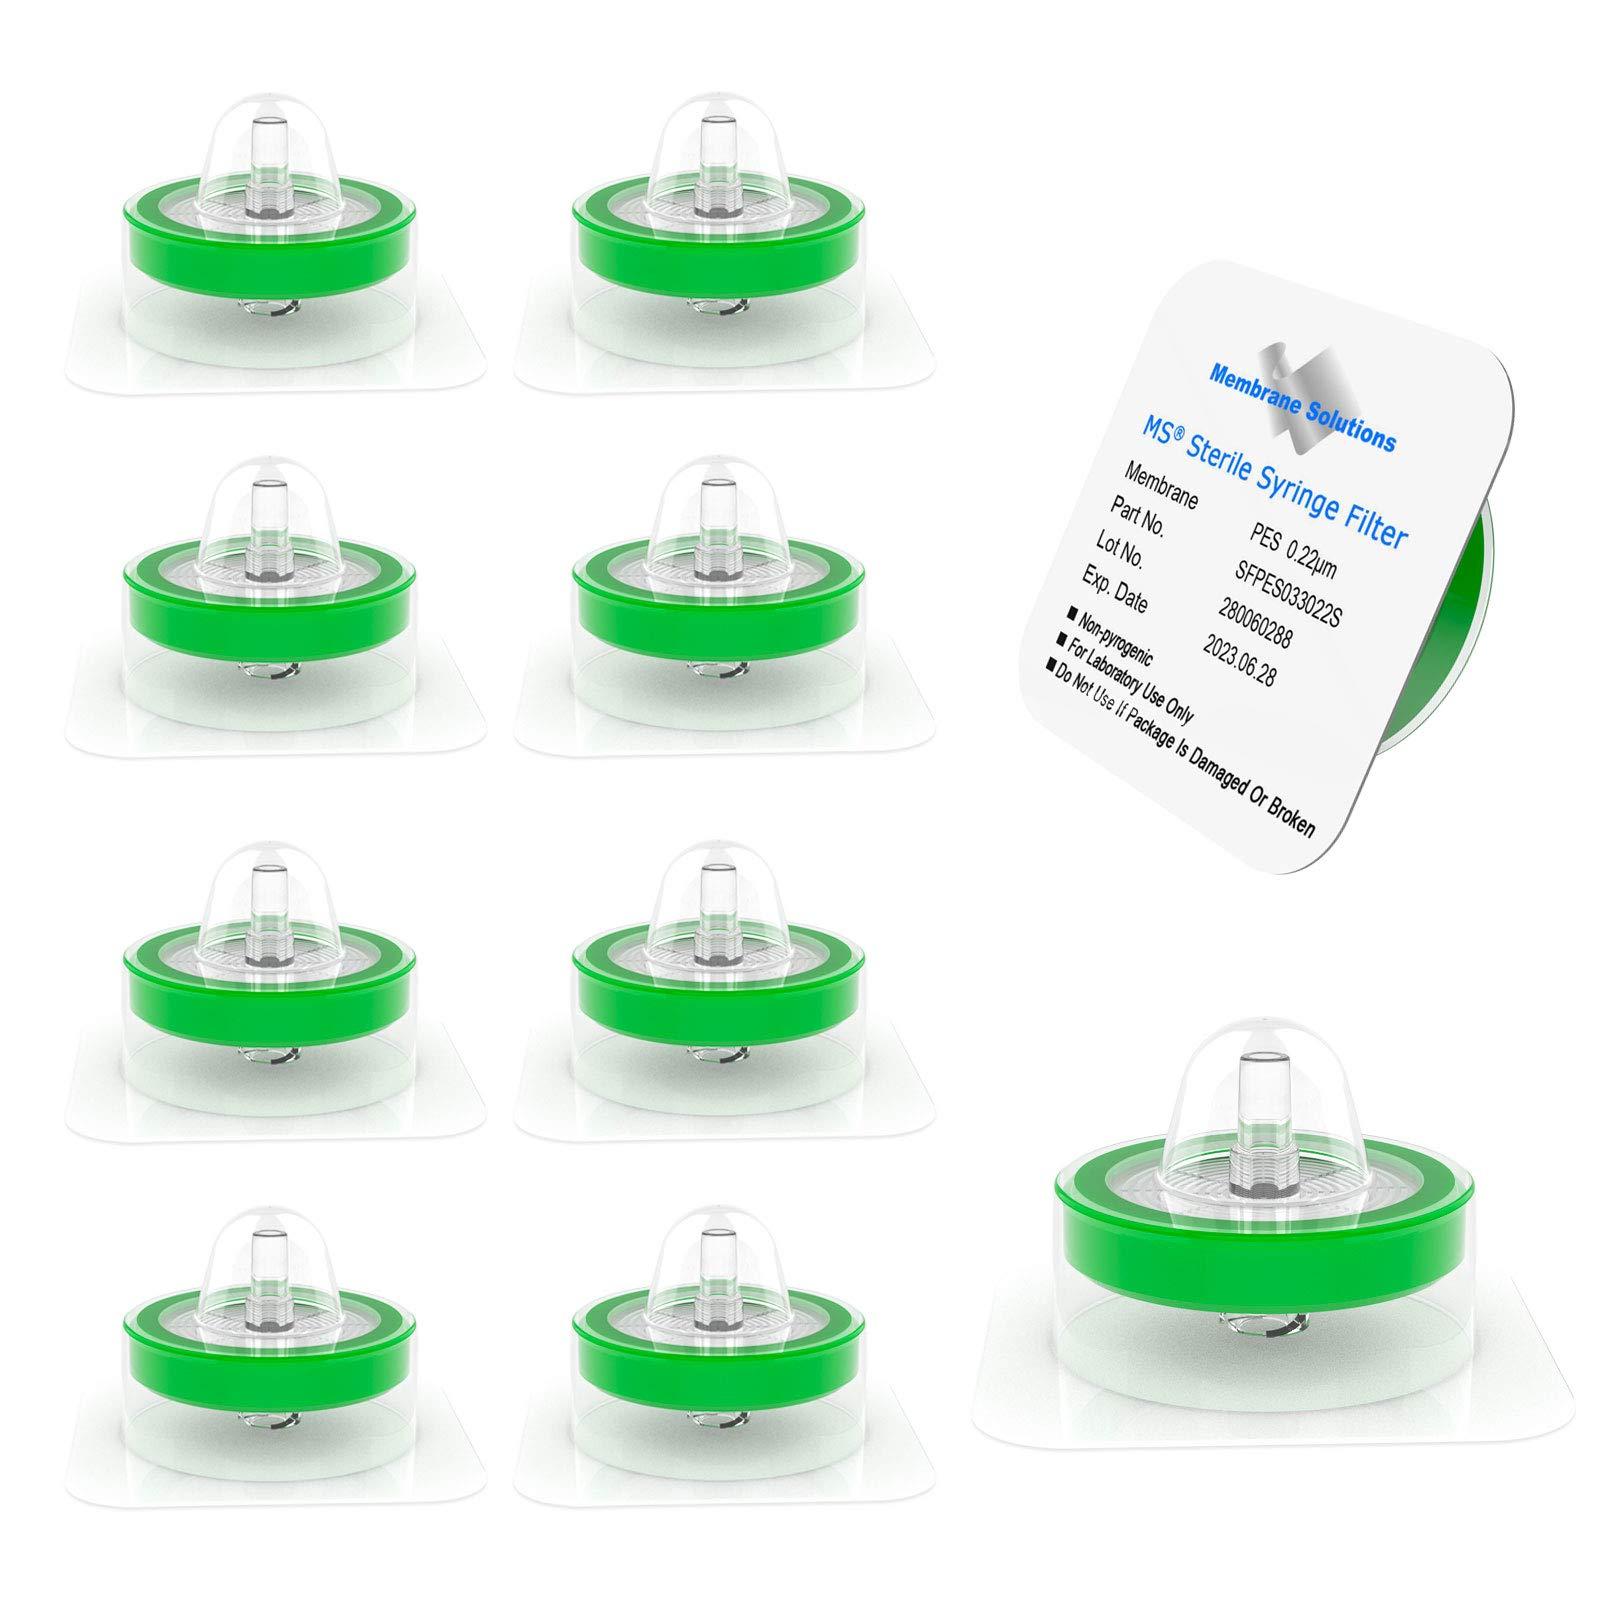 10 Pack Syringe Filter Sterile PES Hydrophilic Filtration 0.22um Pore Size, 33mm Membrane Diameter Sterile PES Membrane Individually Packed by Membrane Solutions